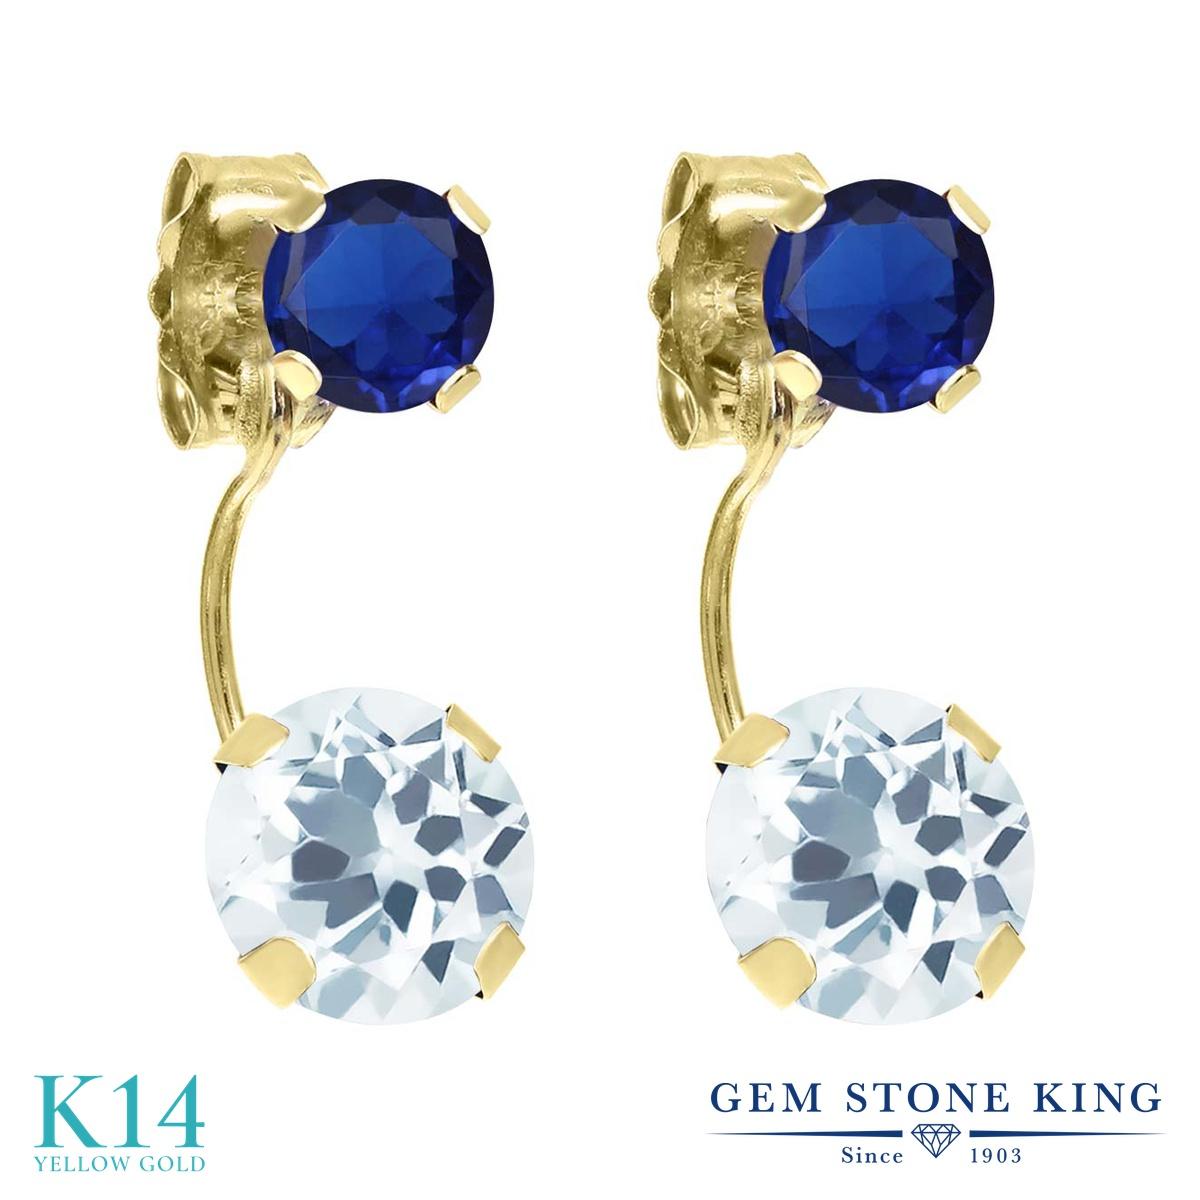 Gem Stone King 1.5カラット 天然 アクアマリン 14金 イエローゴールド(K14) ピアス レディース ぶら下がり 天然石 3月 誕生石 金属アレルギー対応 誕生日プレゼント